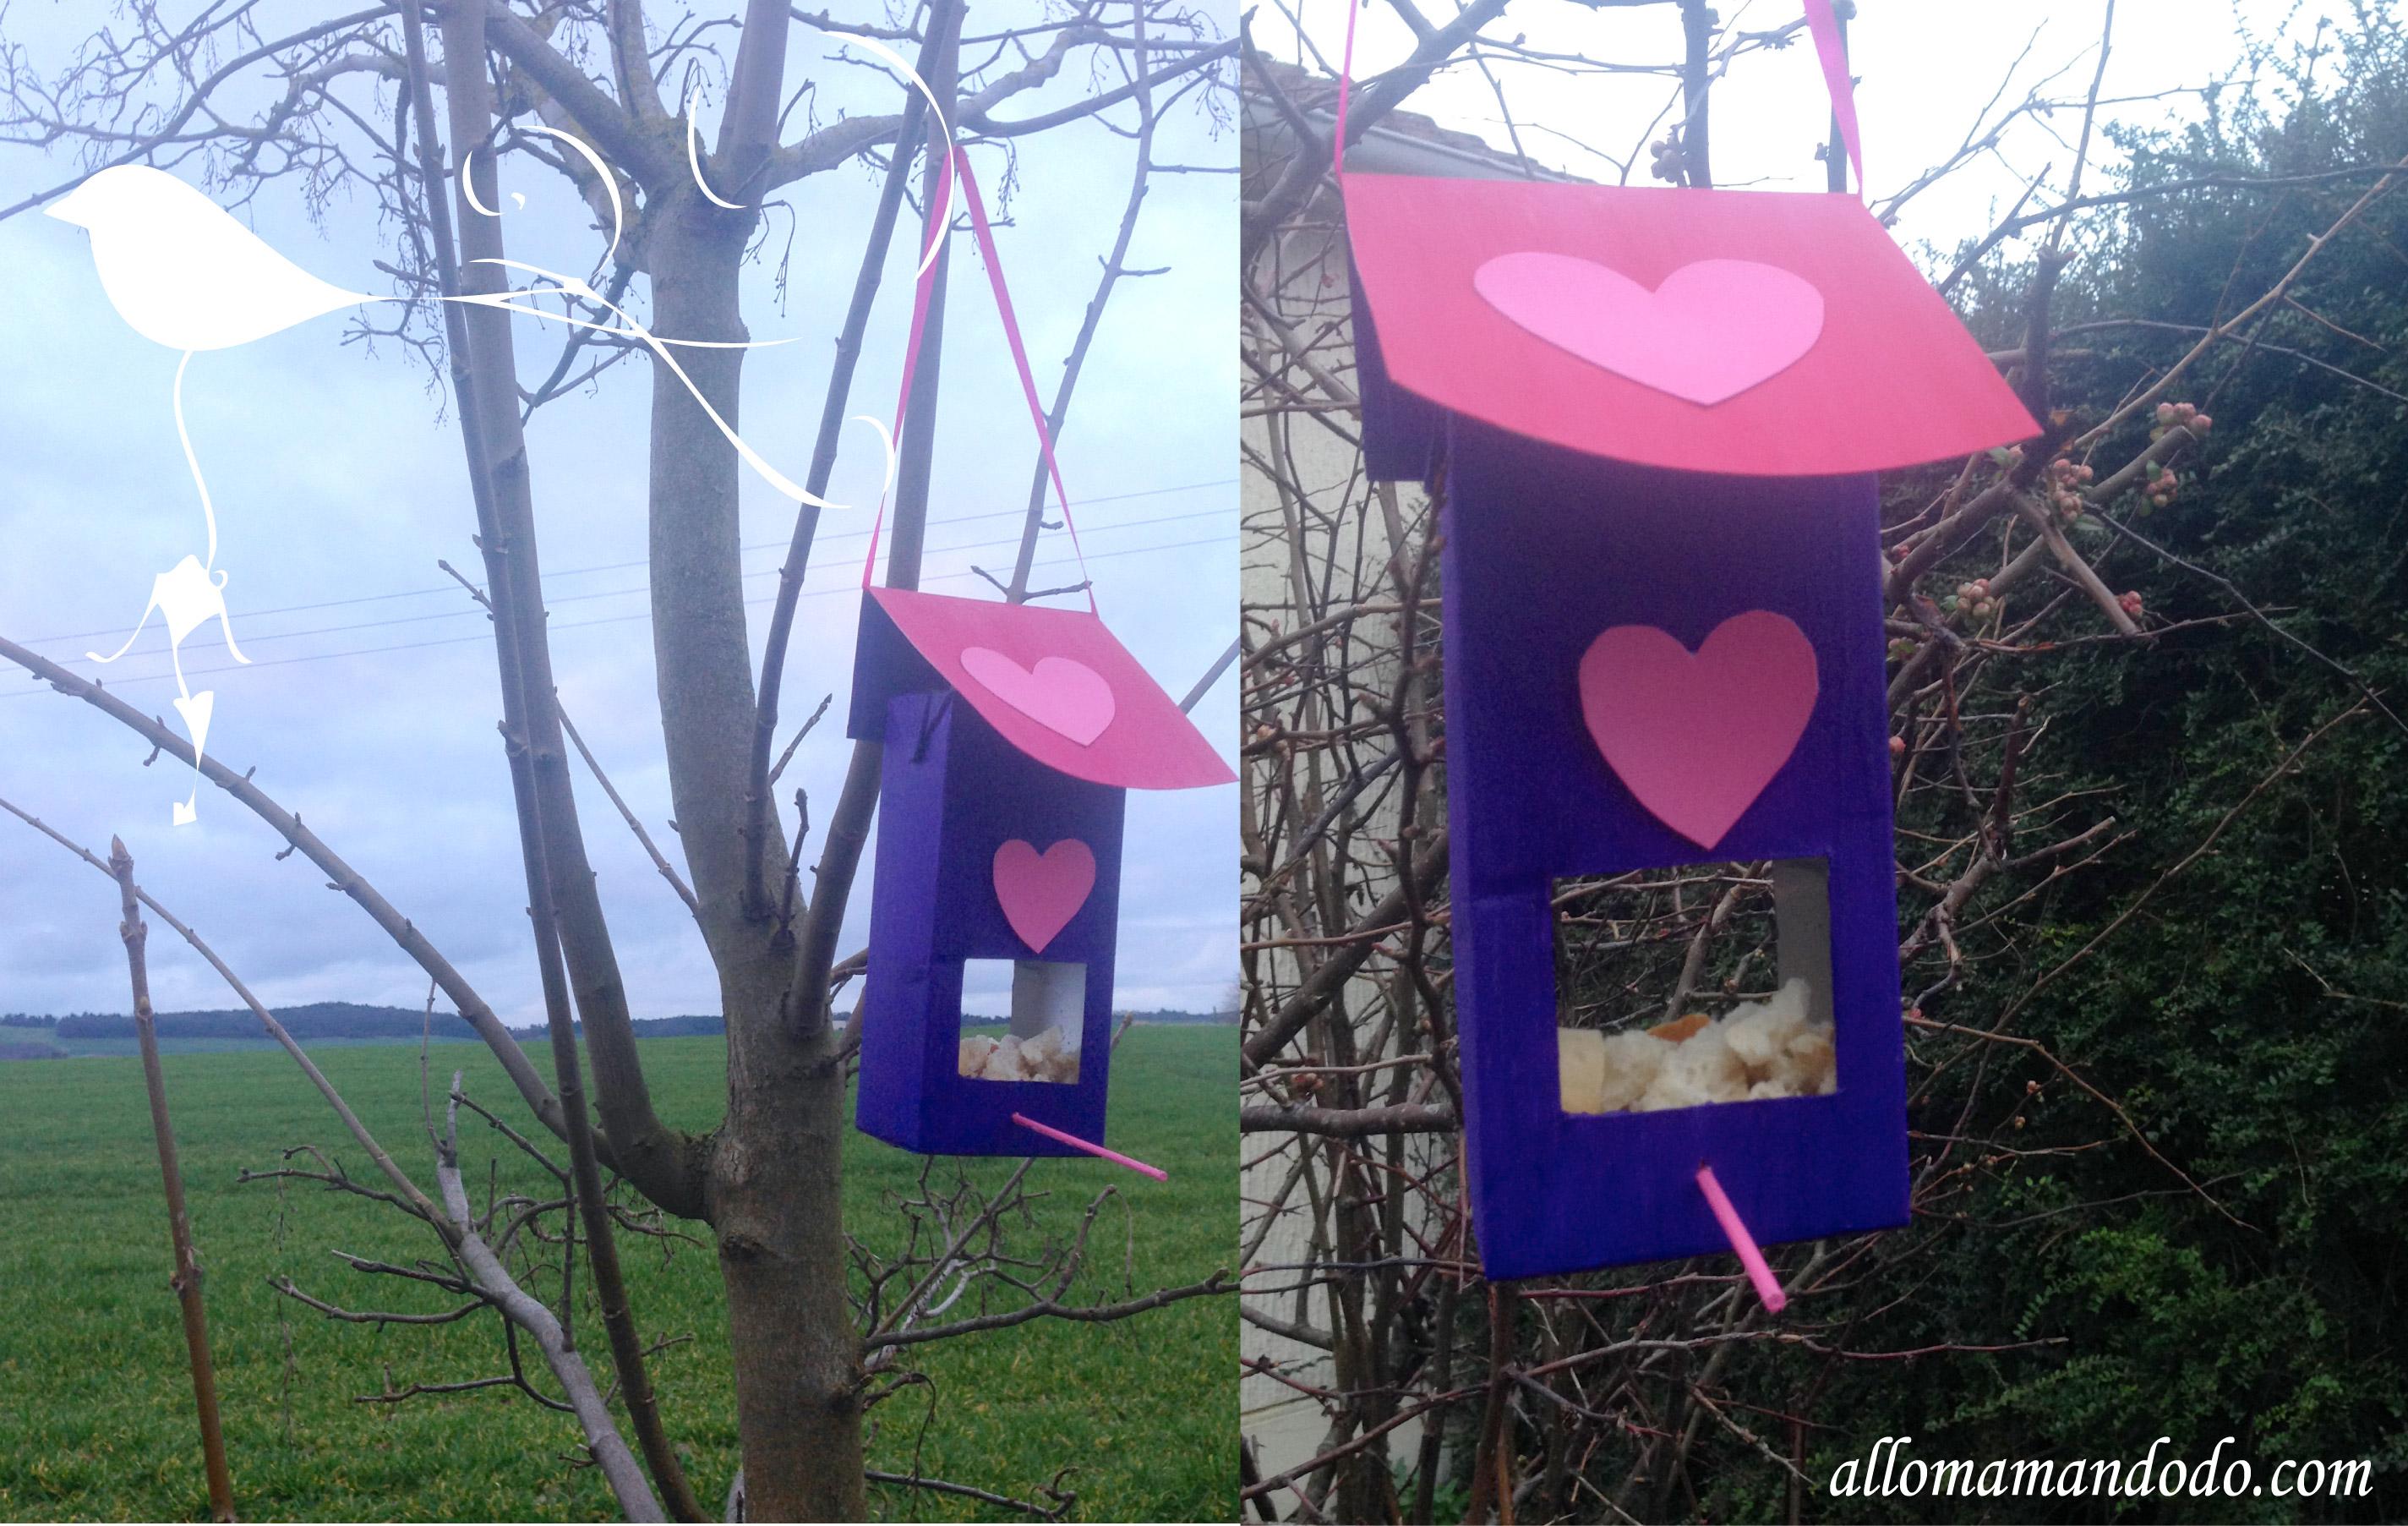 Diy une cabane oiseau base de brique de lait allo maman dodo for Comfabriquer cabane oiseau